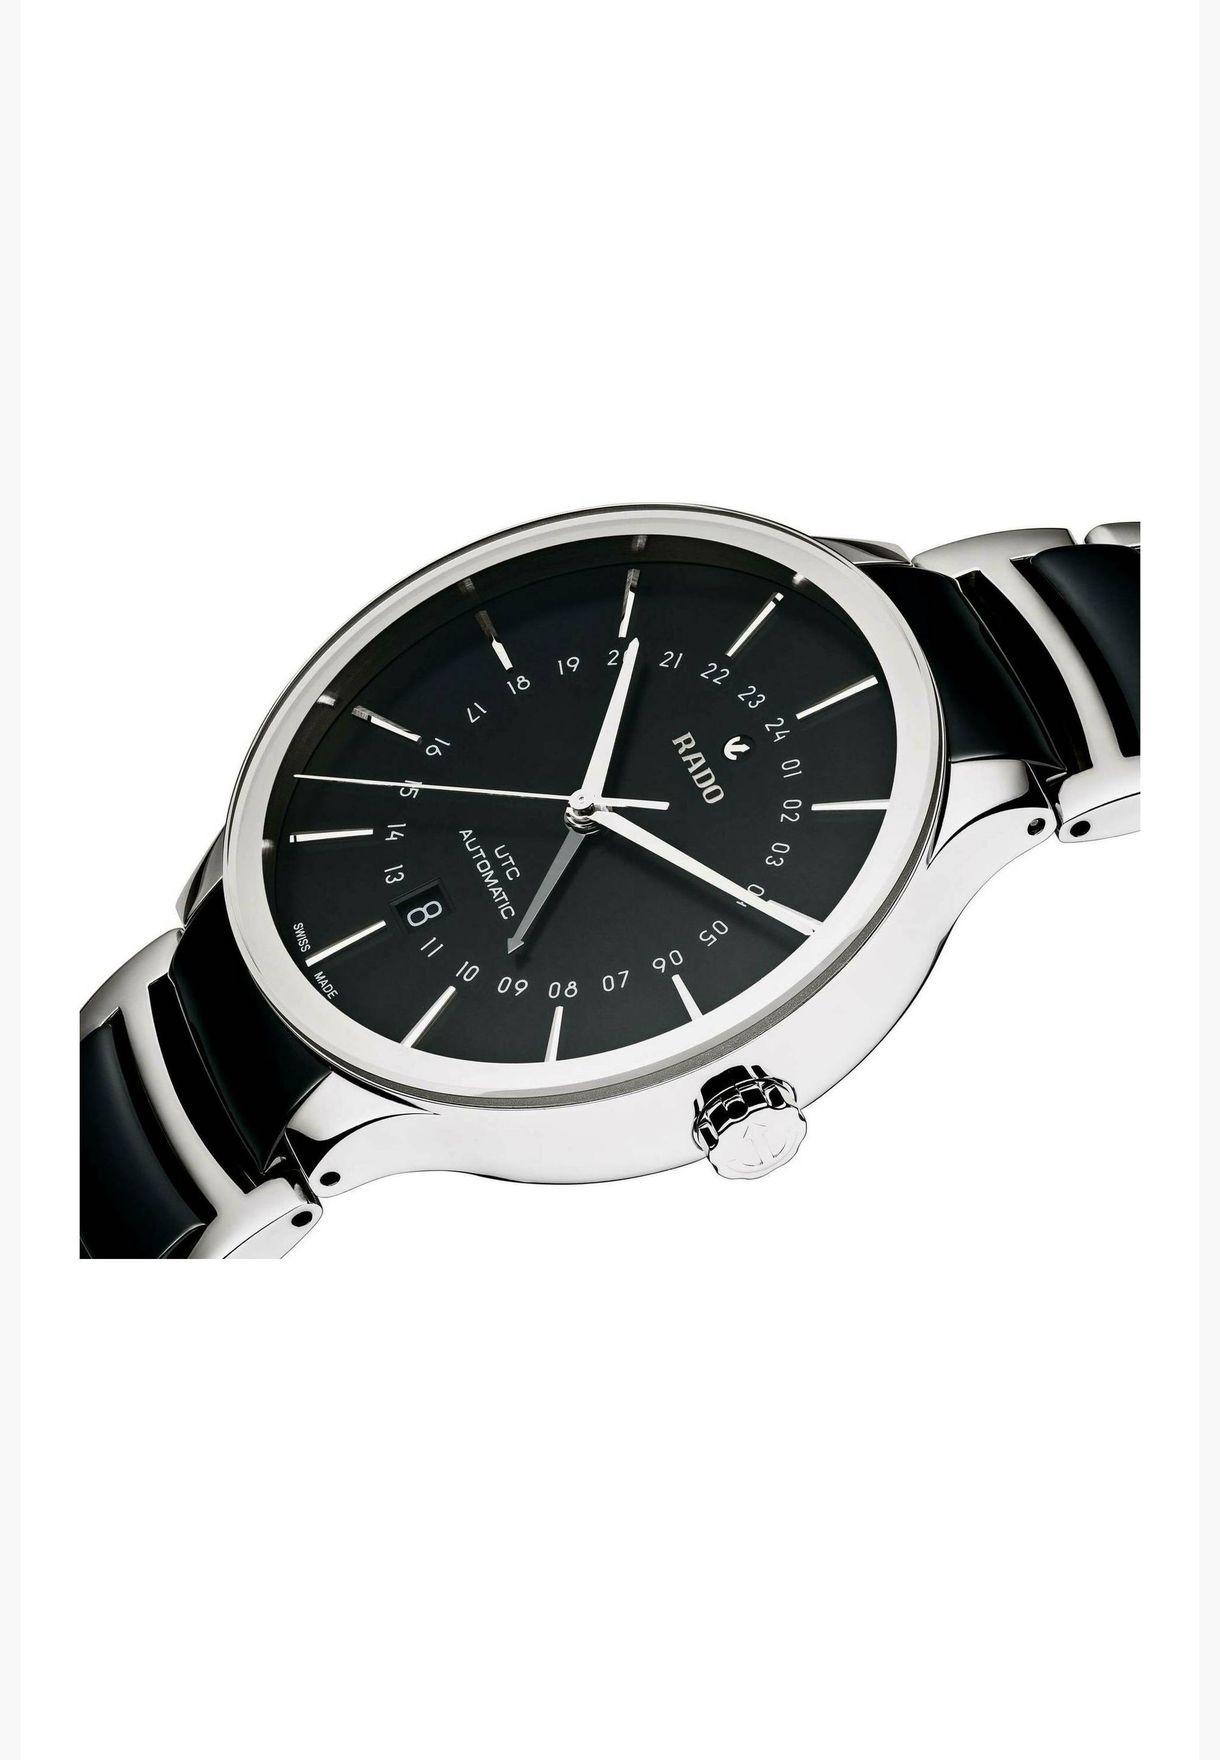 ساعة رادو سنتريكس للرجال - R30166152